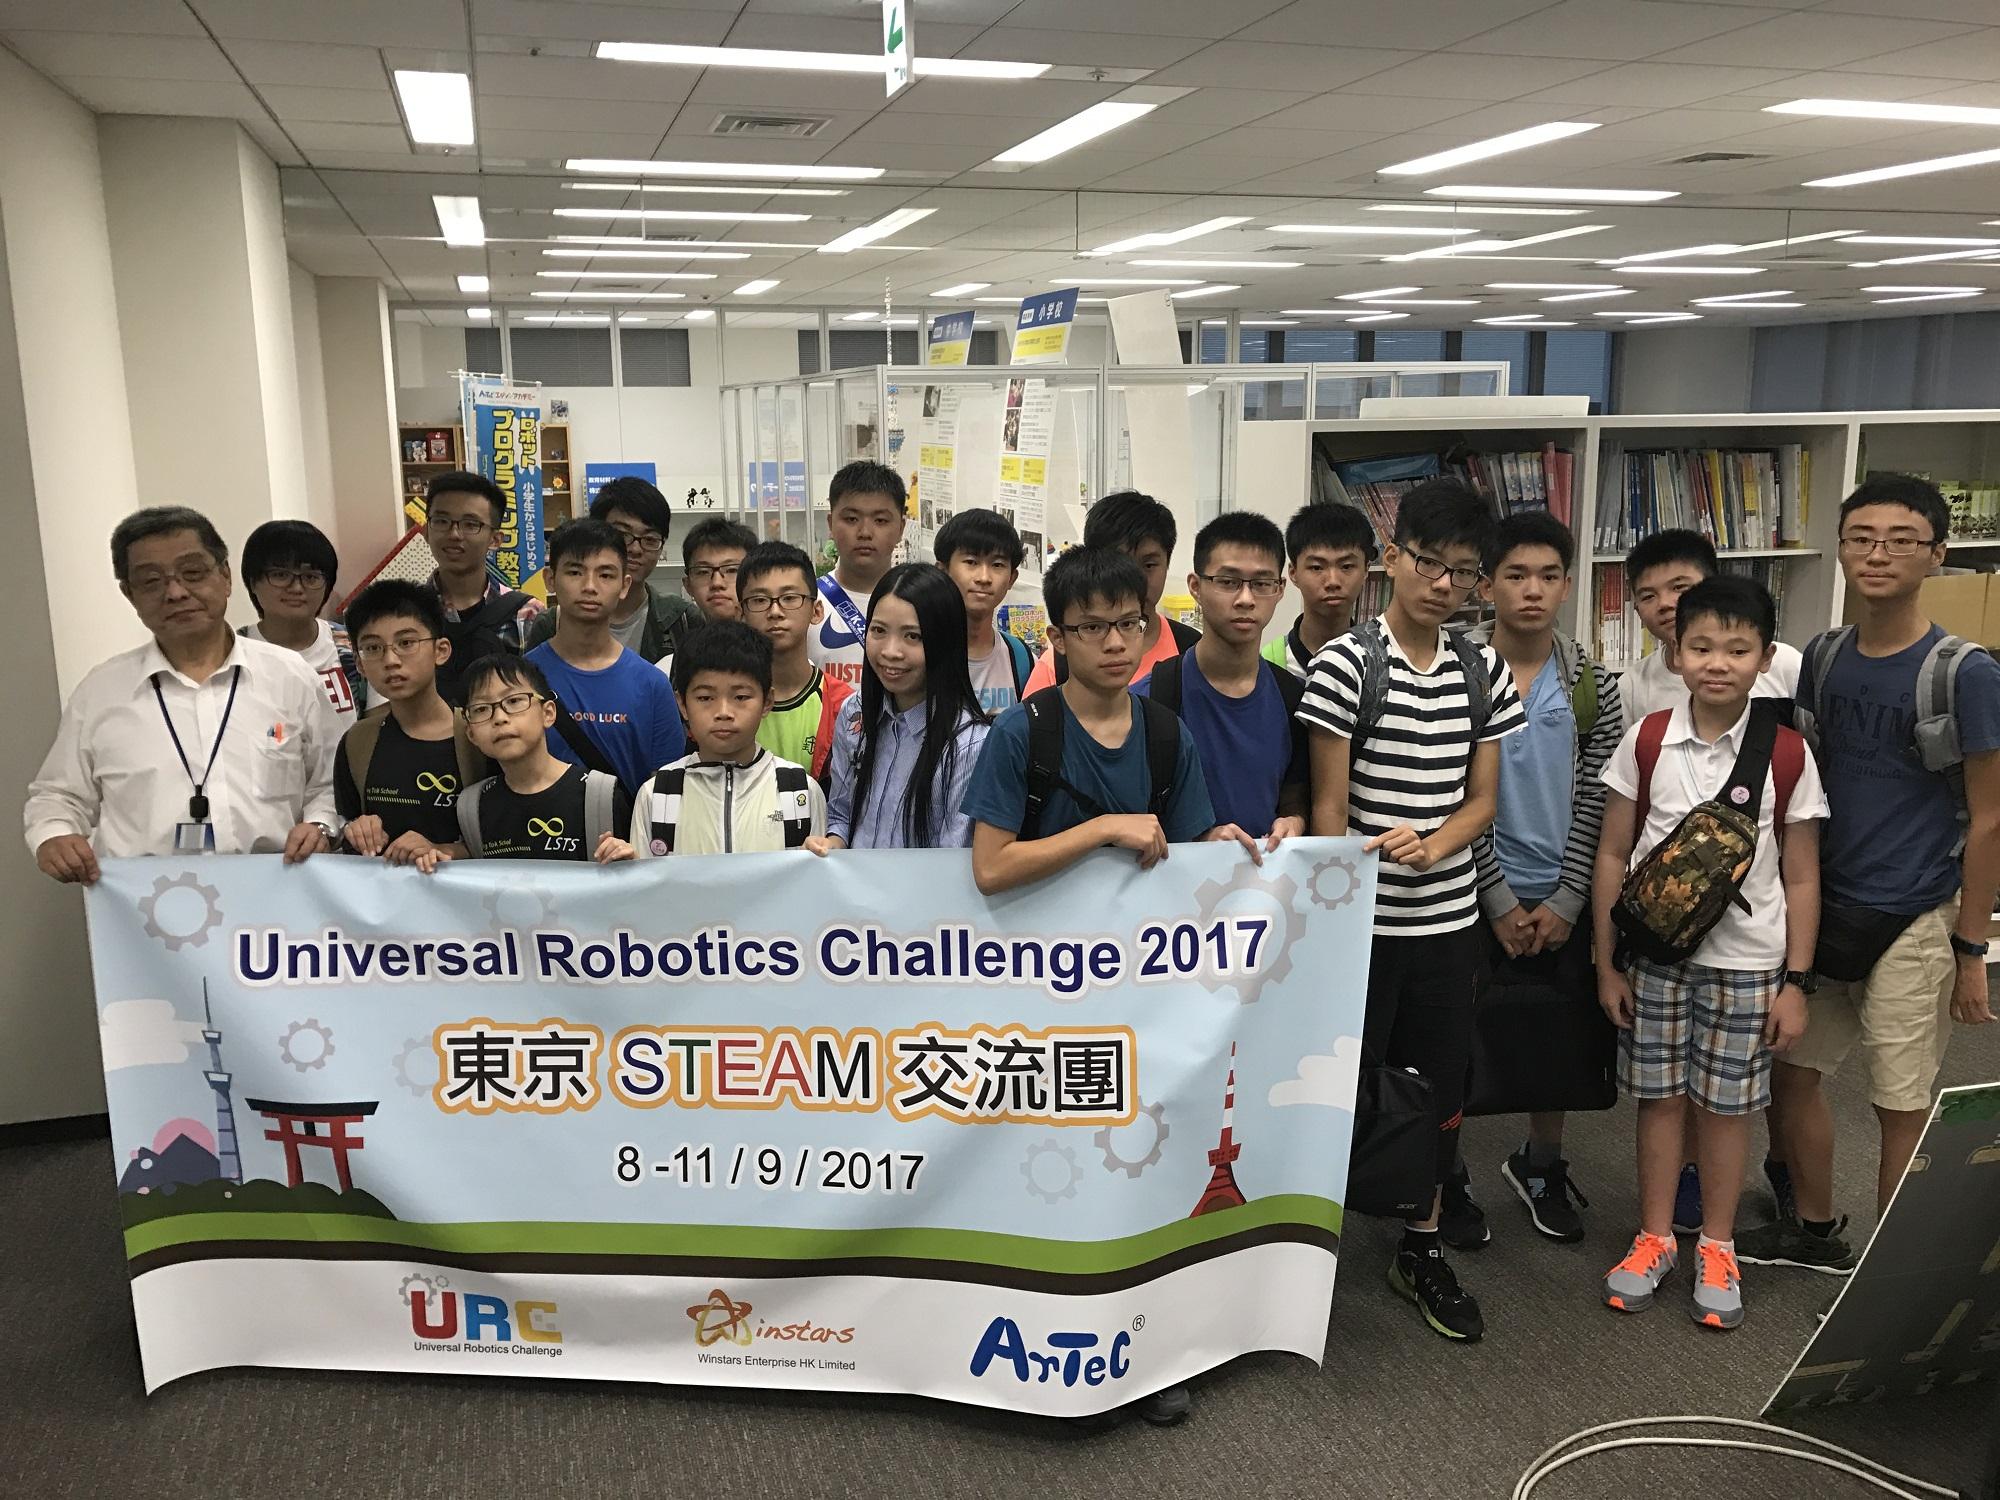 天主教慈幼會伍少梅中學的日本機械人比賽 - Universal Robotic Challenge 最佳設計獎相片4